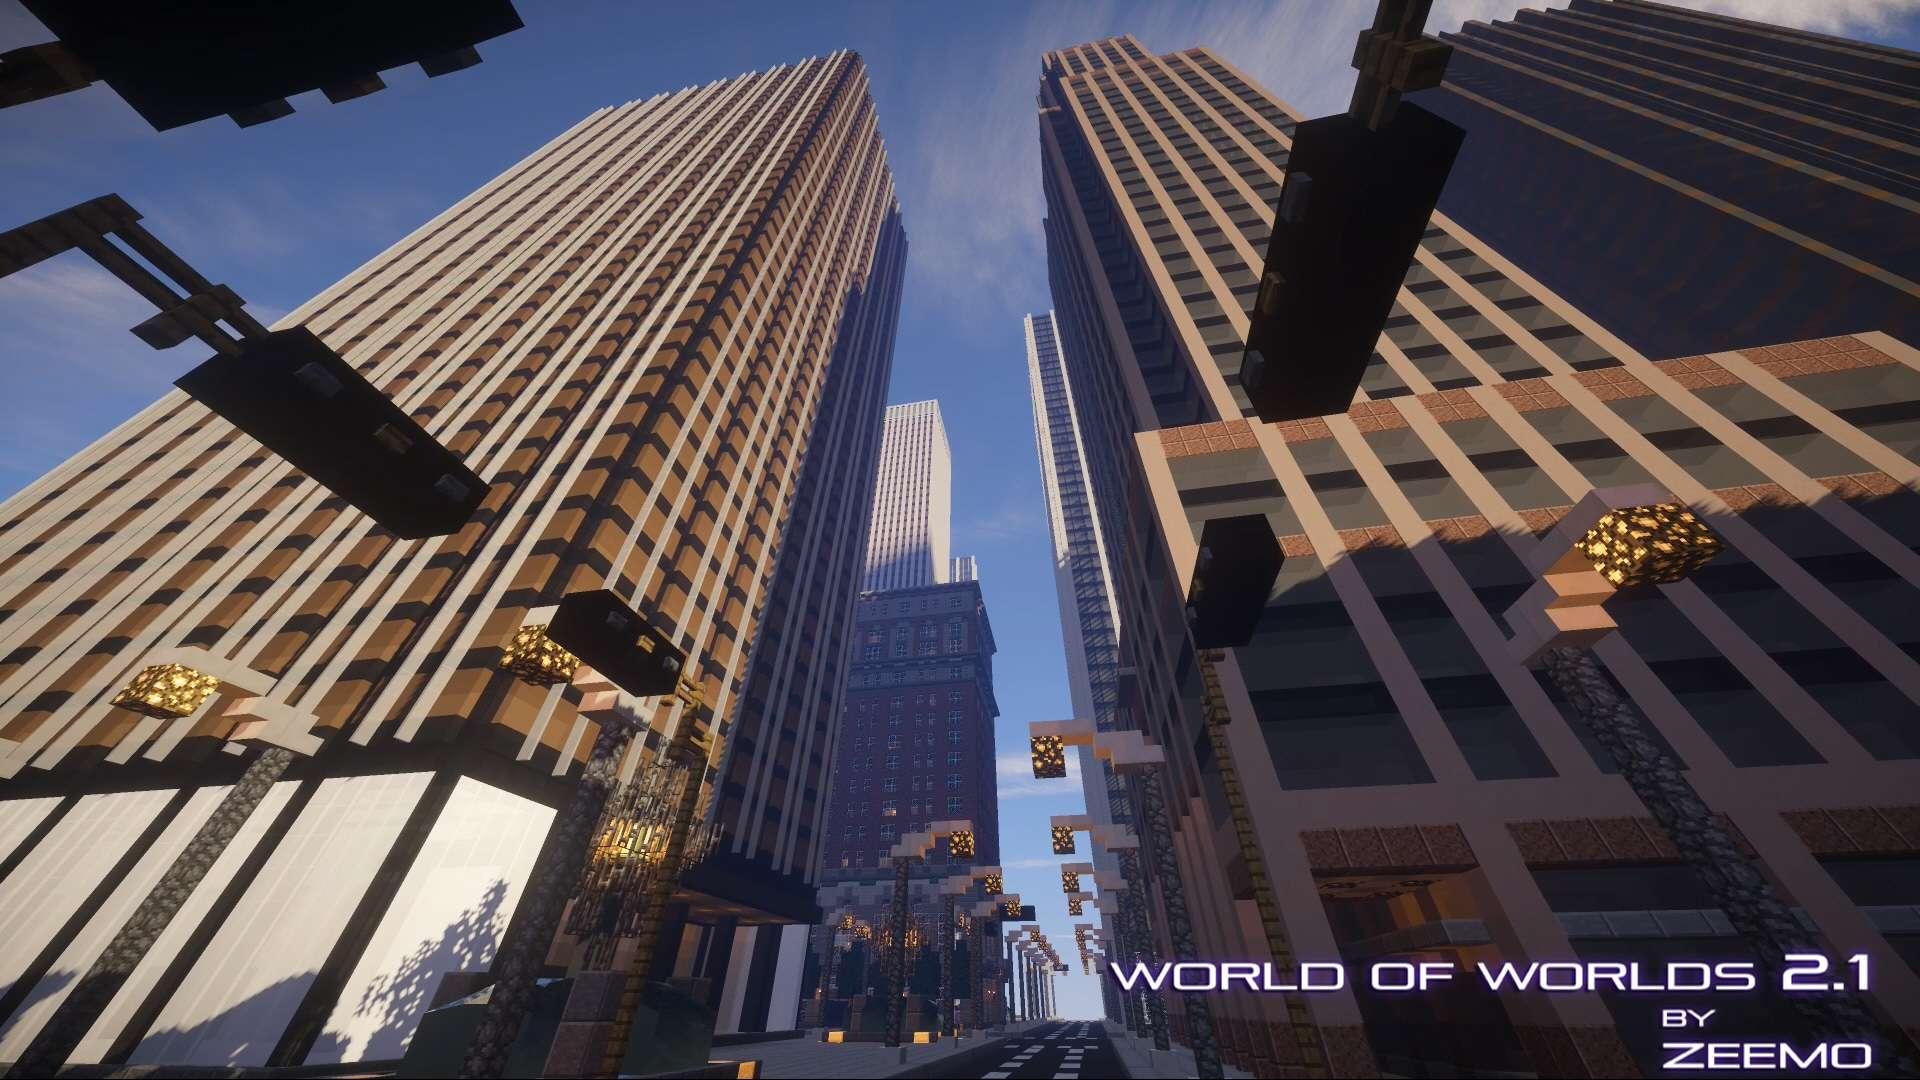 World of Worlds 2.1 update 11